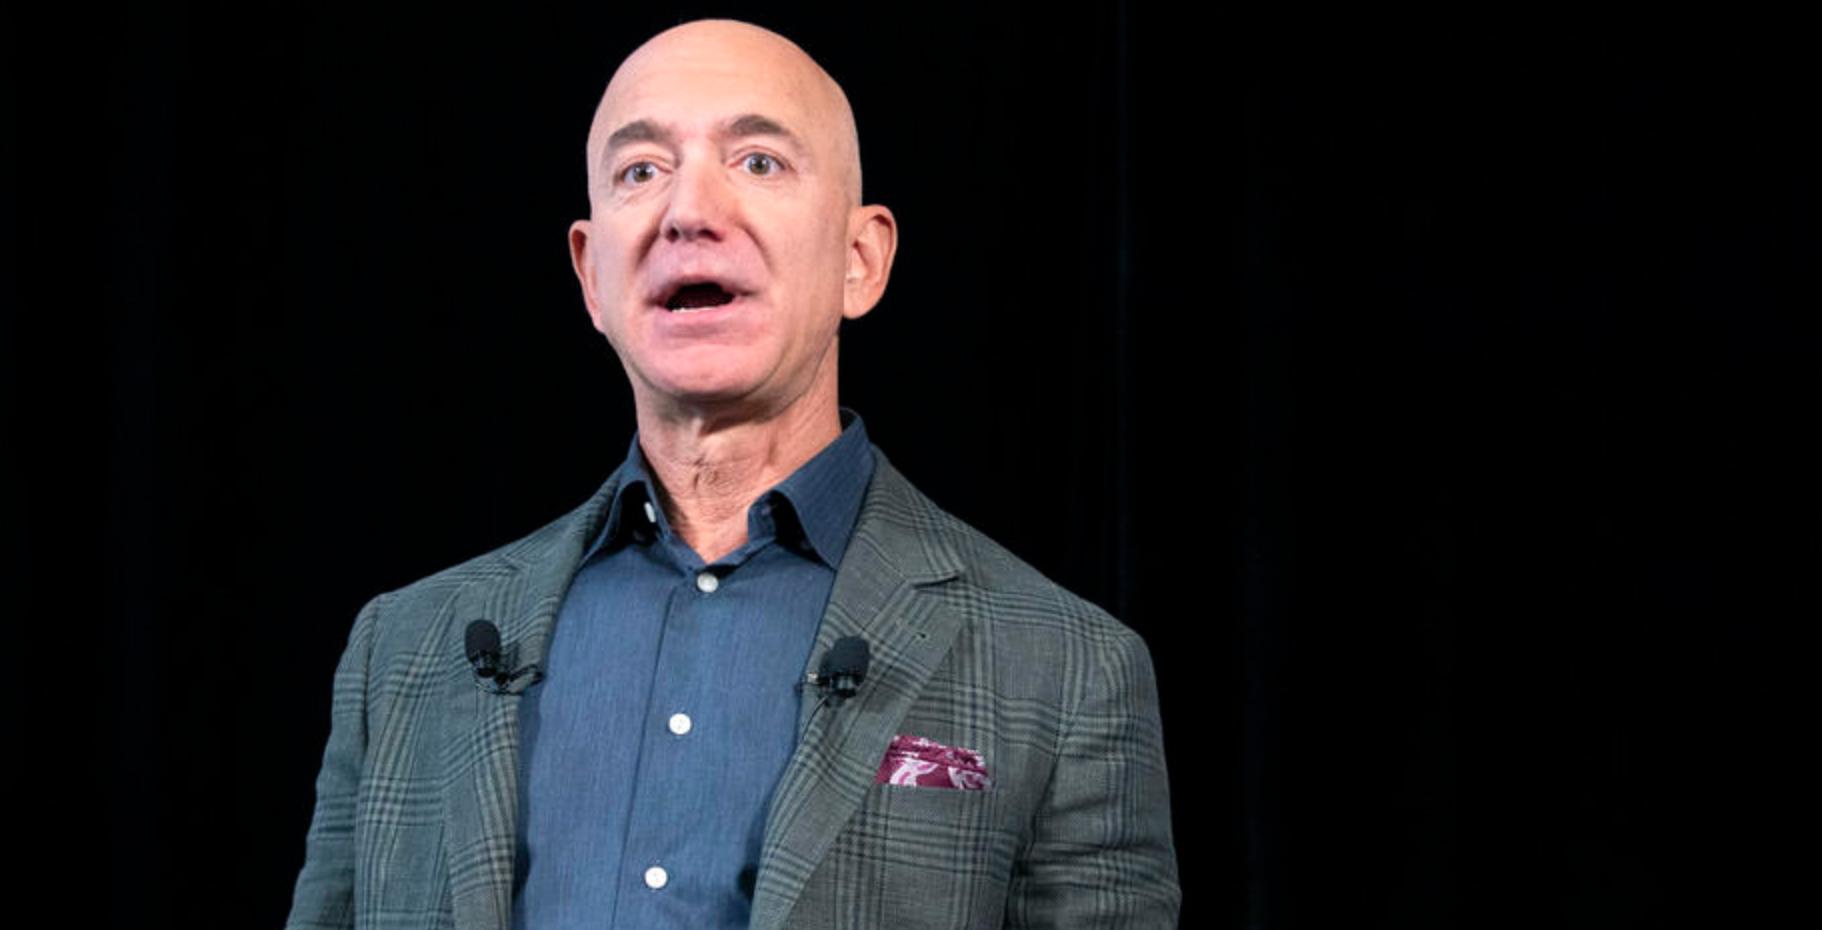 Het bedrijf van CEO Jeff Bezos wordt al onderzocht in het antitrustonderzoek. Nu eisen een veertigtal organisaties dat het congres bekijkt of het zich wel aan de privacywetgeving houdt. - EPA-EFE/MICHAEL REYNOLDS